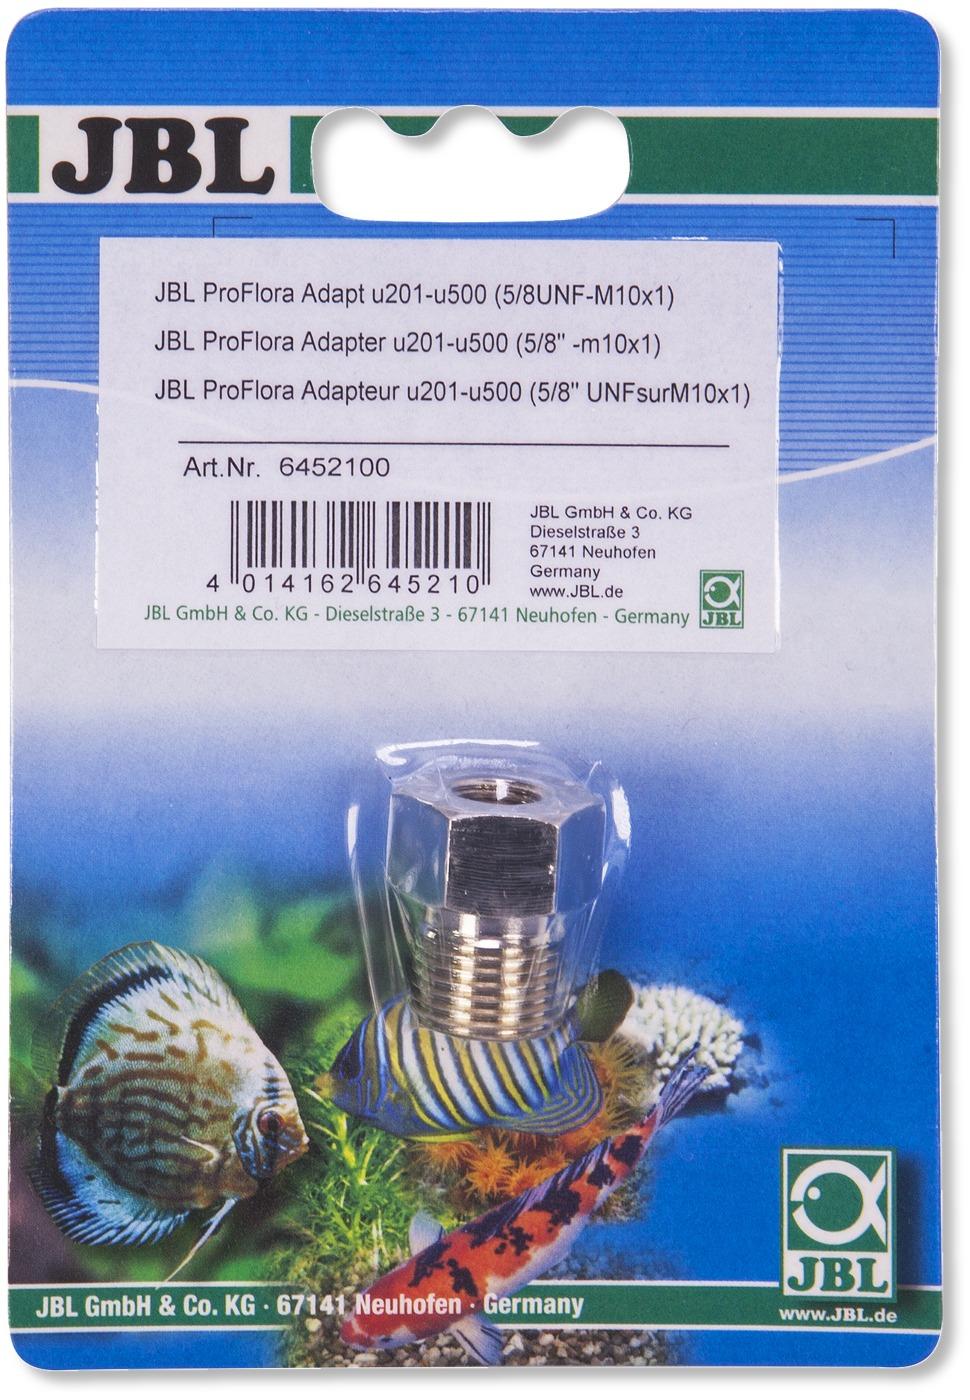 JBL Proflora Adapt u201 - u500 permet d\'utiliser une bouteille jetable 500 gr. sur un kit CO2 JBL Proflora u201